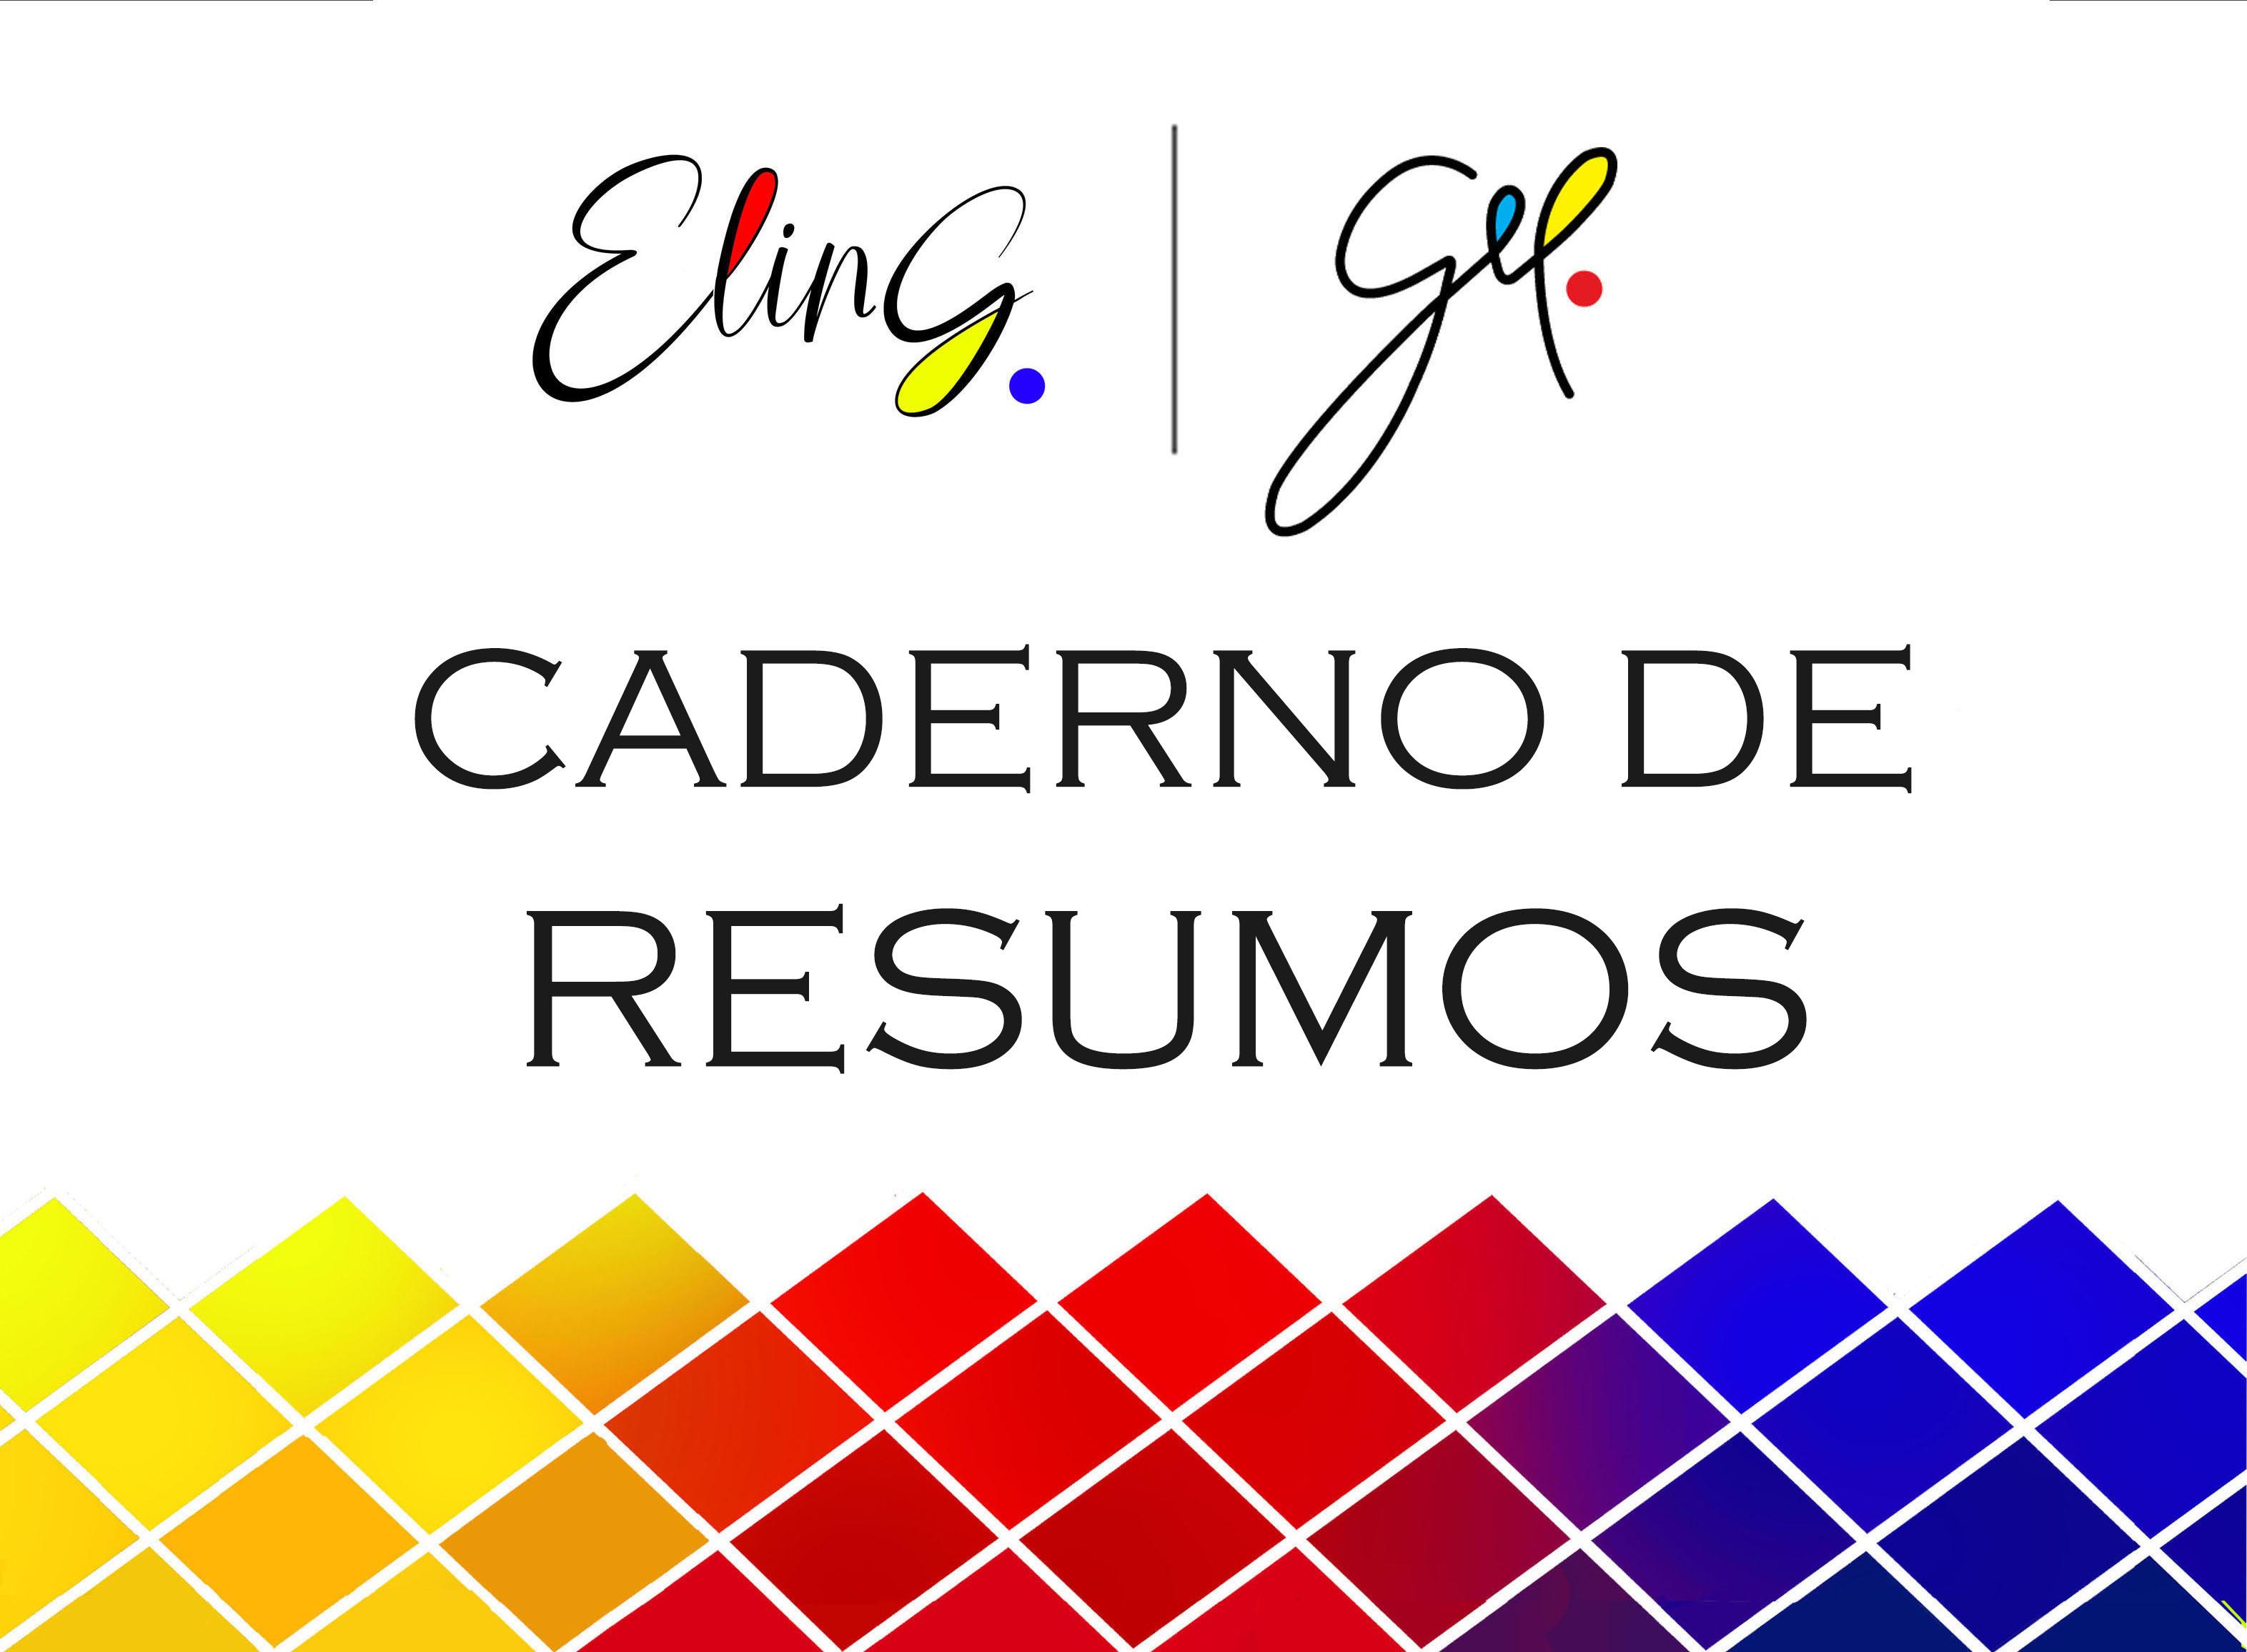 Caderno de resumos - I ELinG